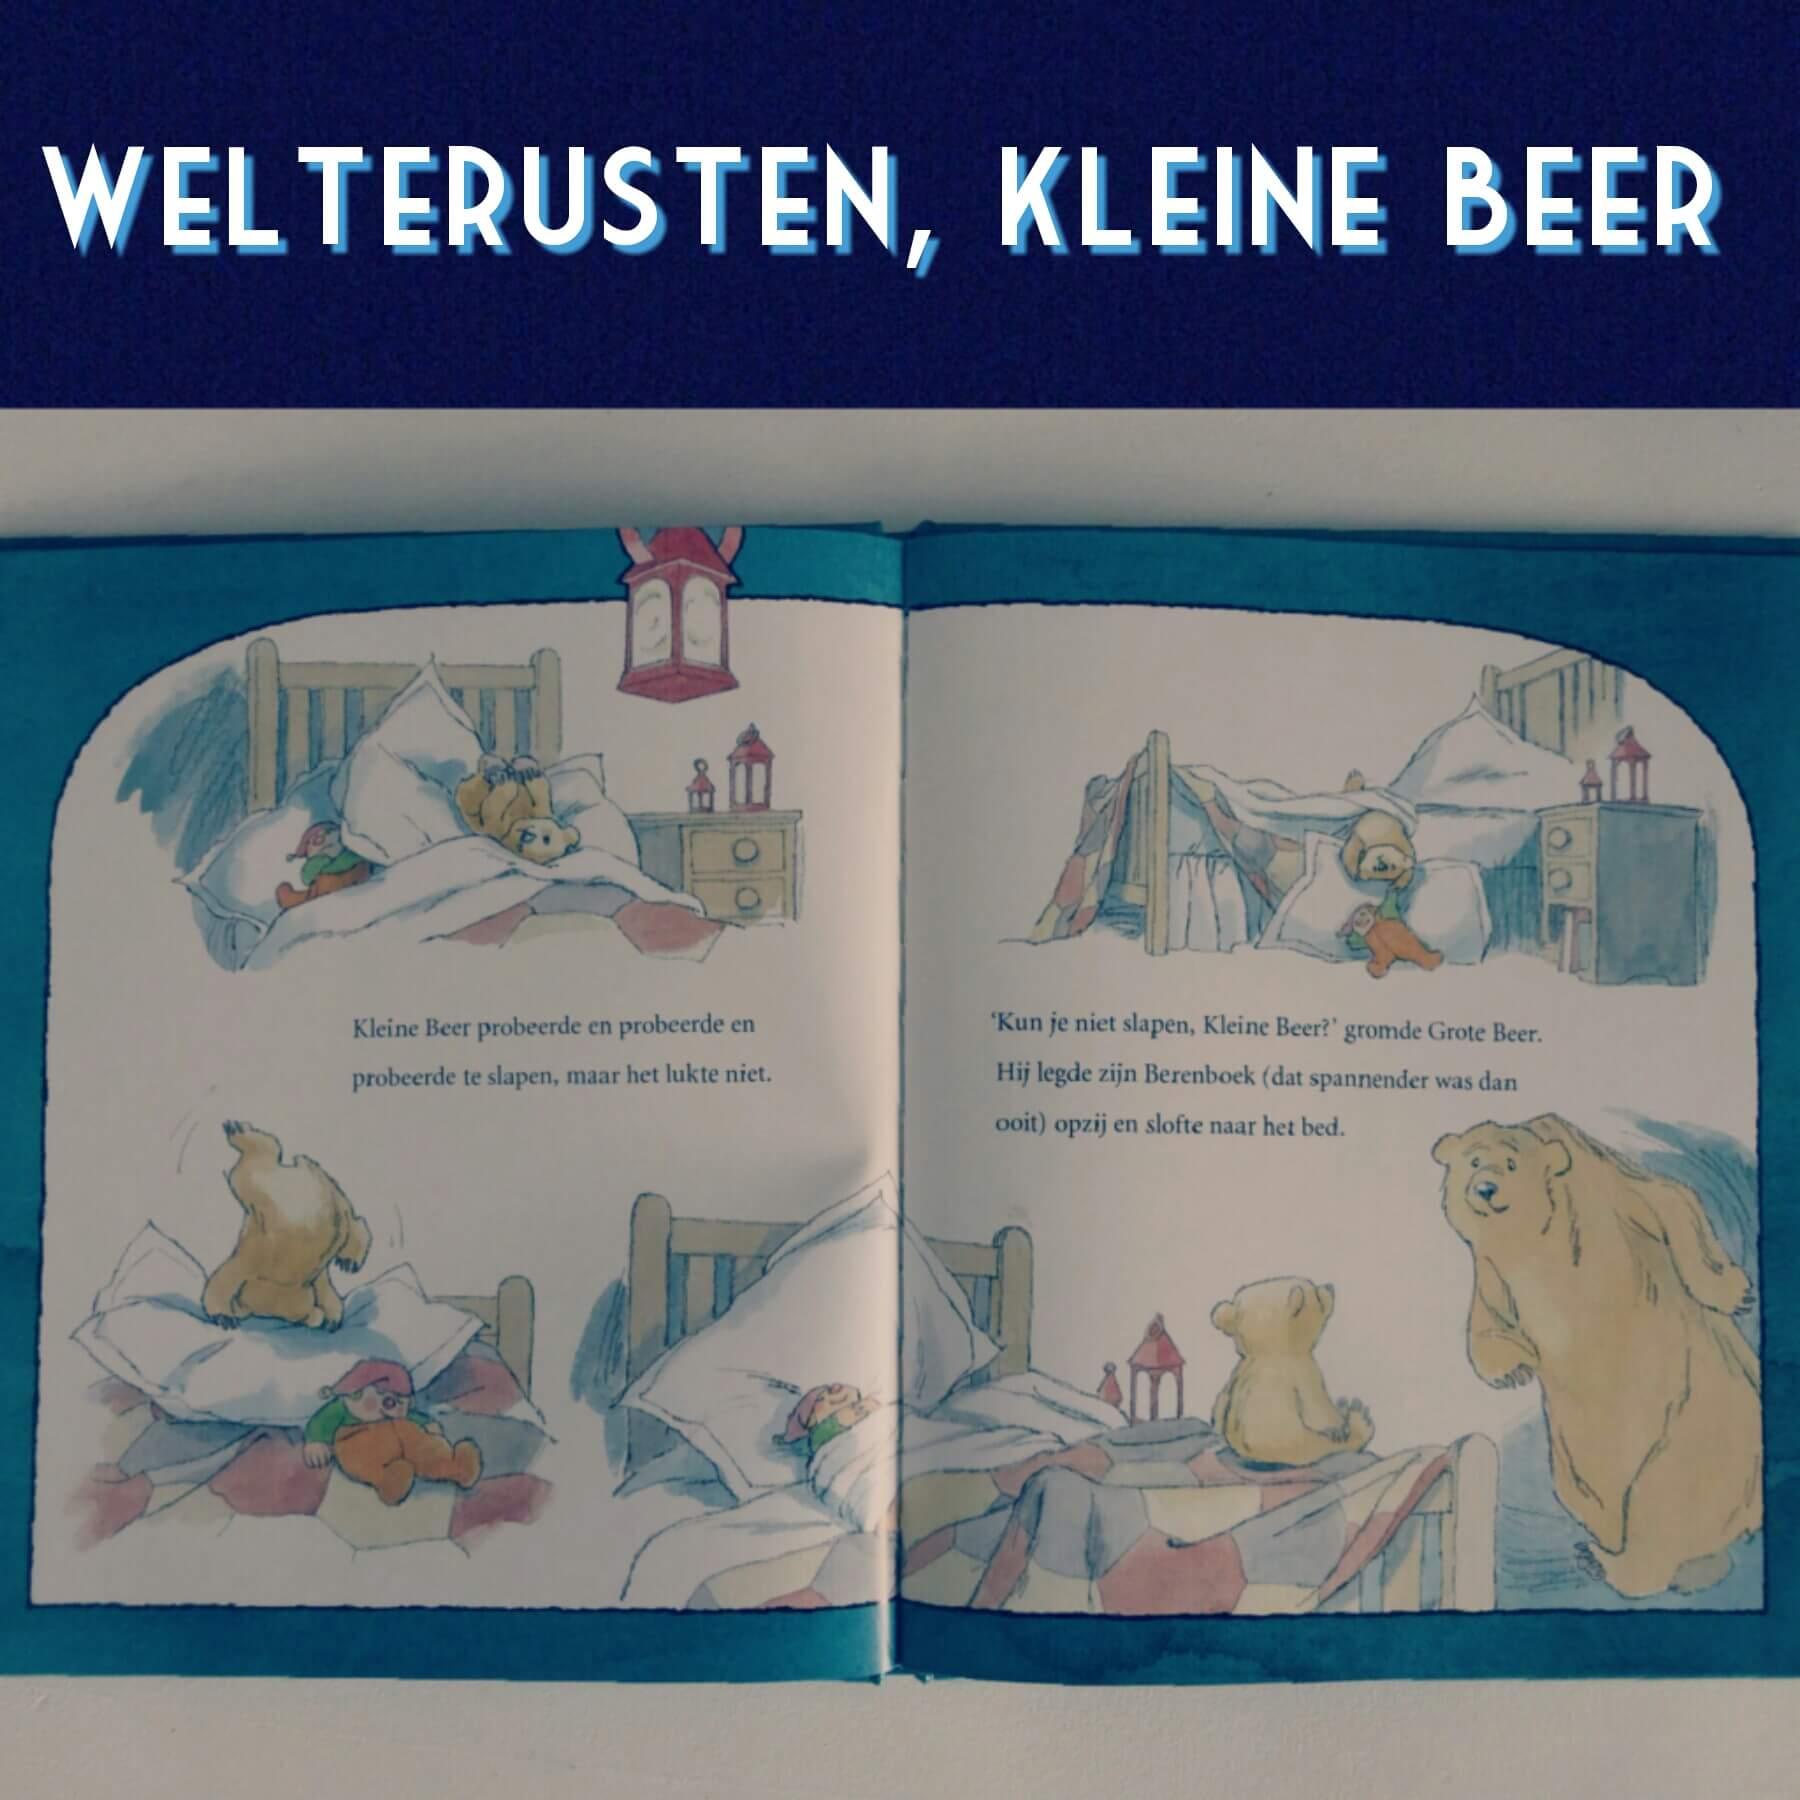 Boekentip: Welterusten Kleine Beer, voor kinderen die bang zijn in het donker